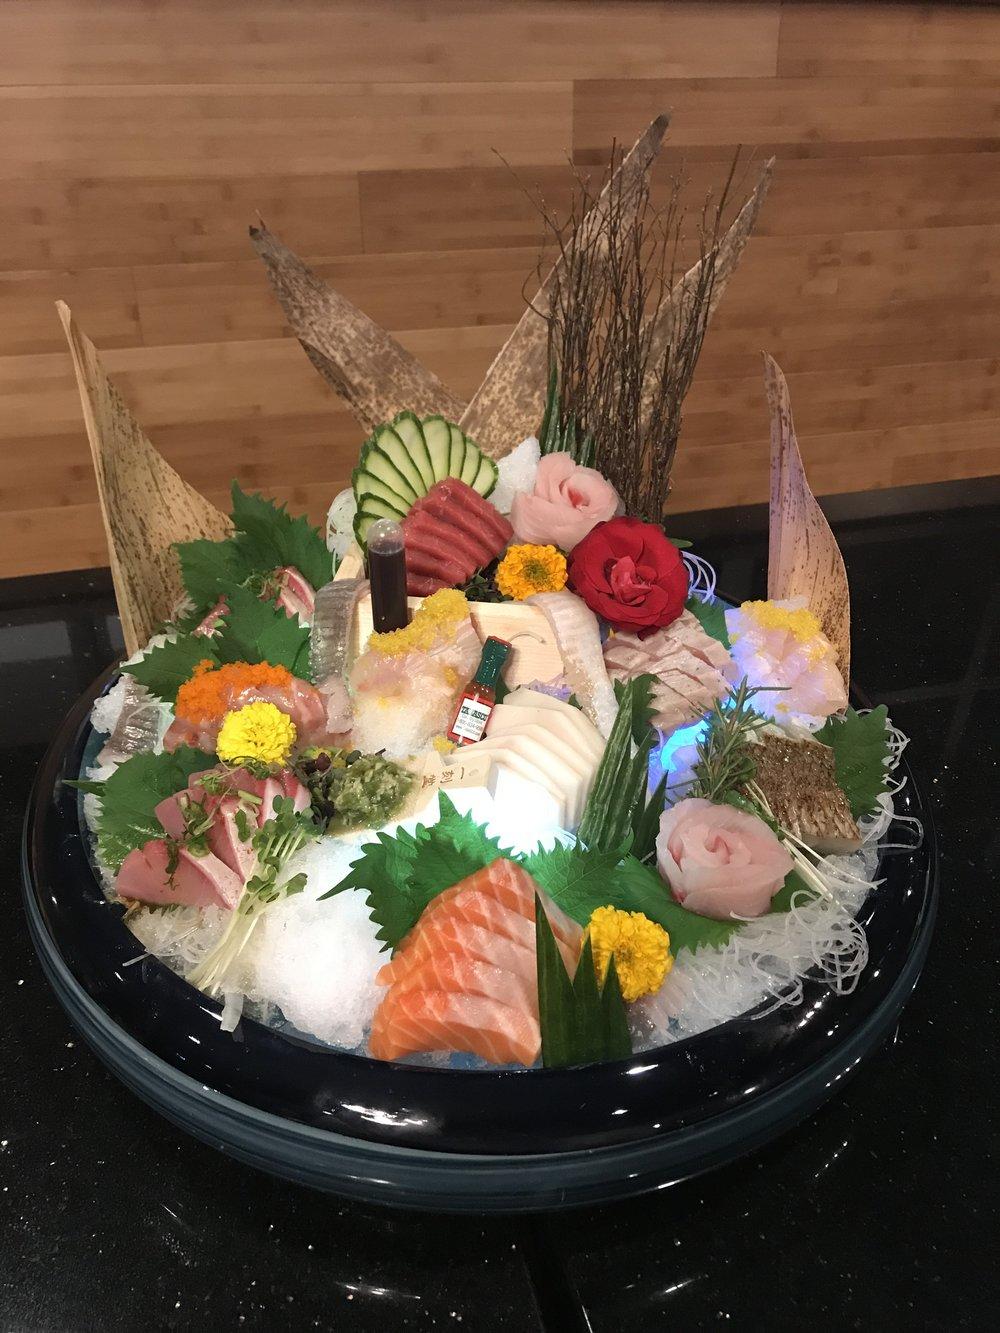 Omakase: Shogun Boat